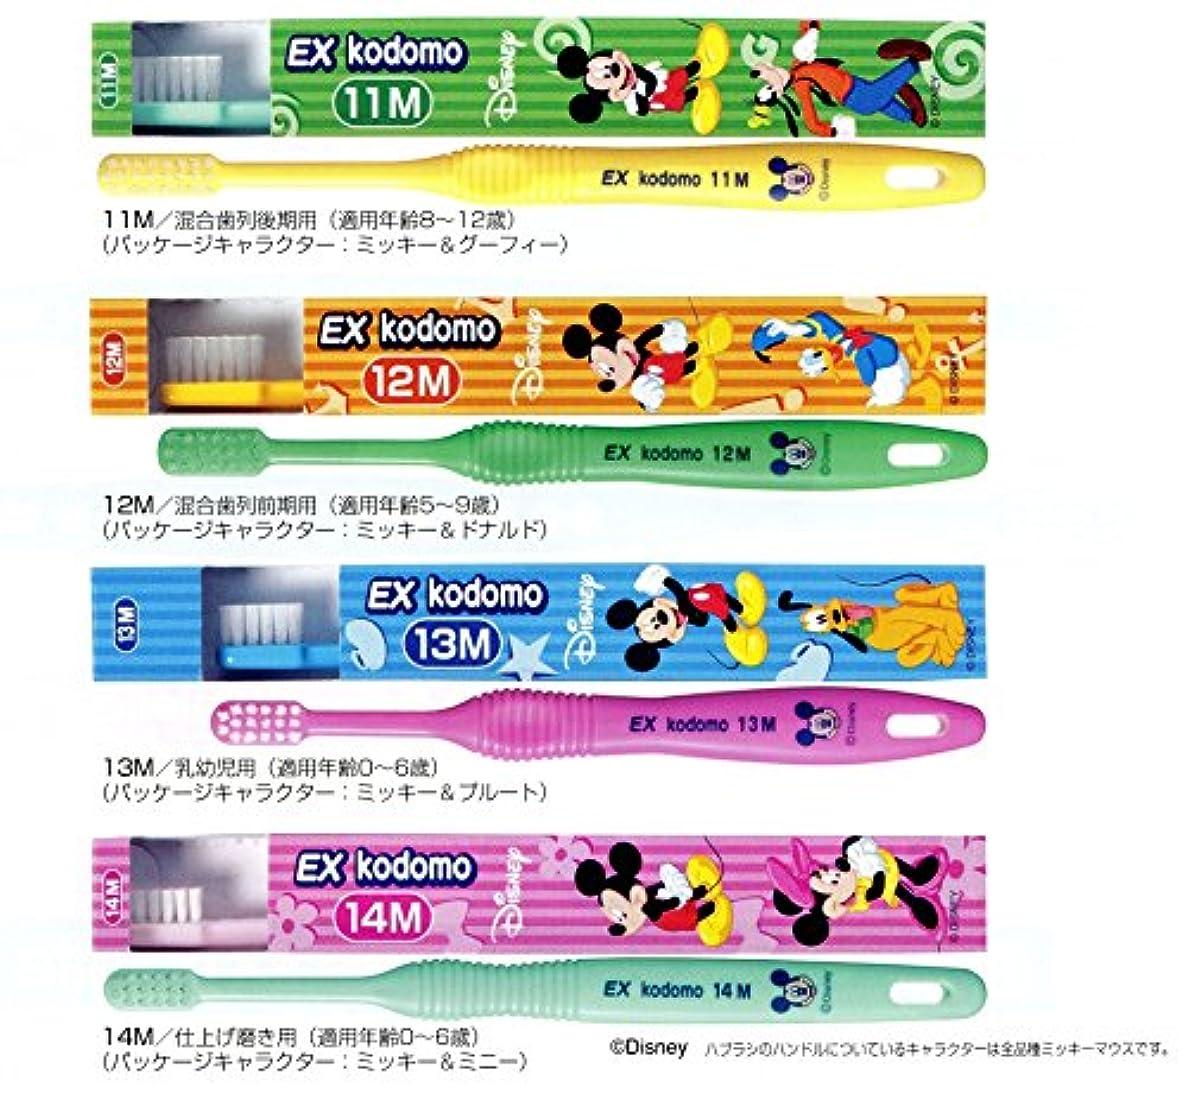 ライオン コドモ ディズニー DENT.EX kodomo Disney 1本 12M イエロー (5?9歳)